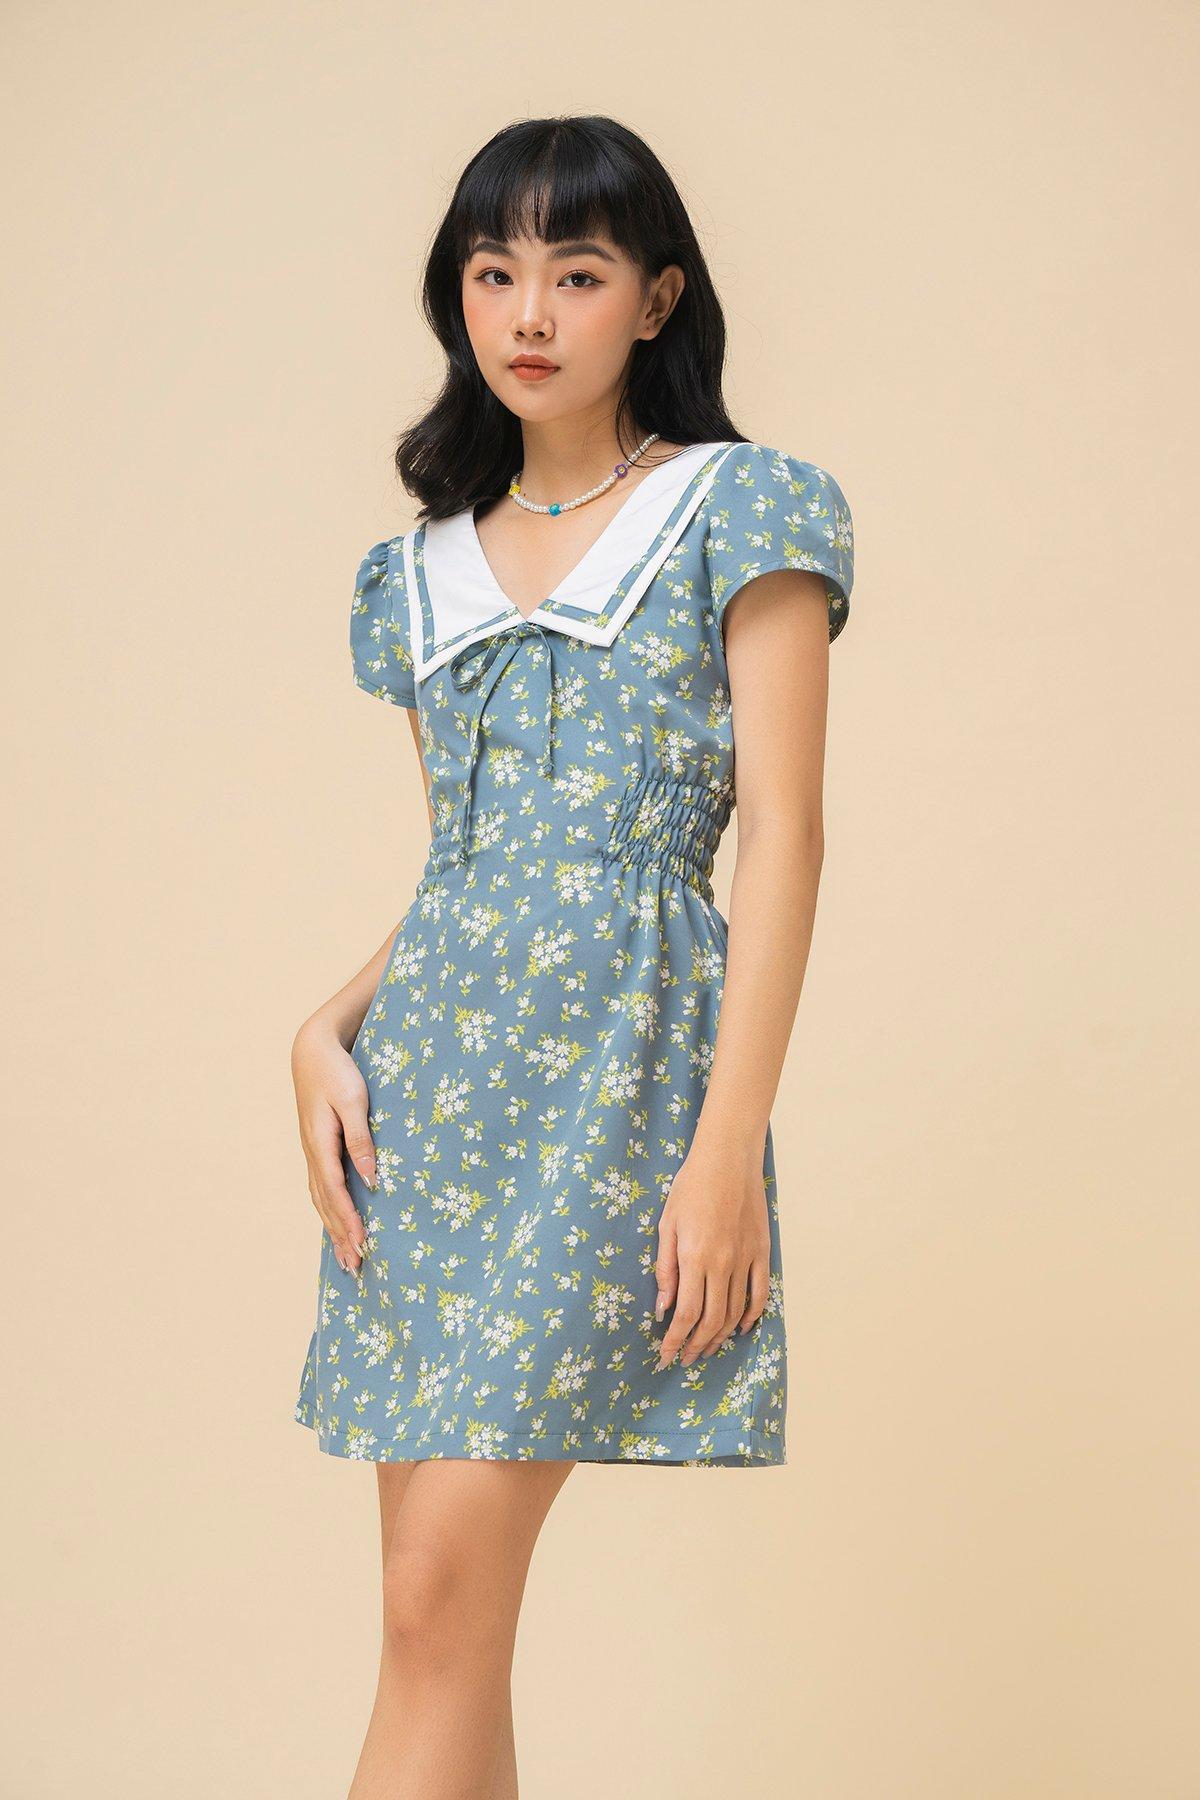 Đầm hoạ tiết hoa cổ lá sen Sailor dress